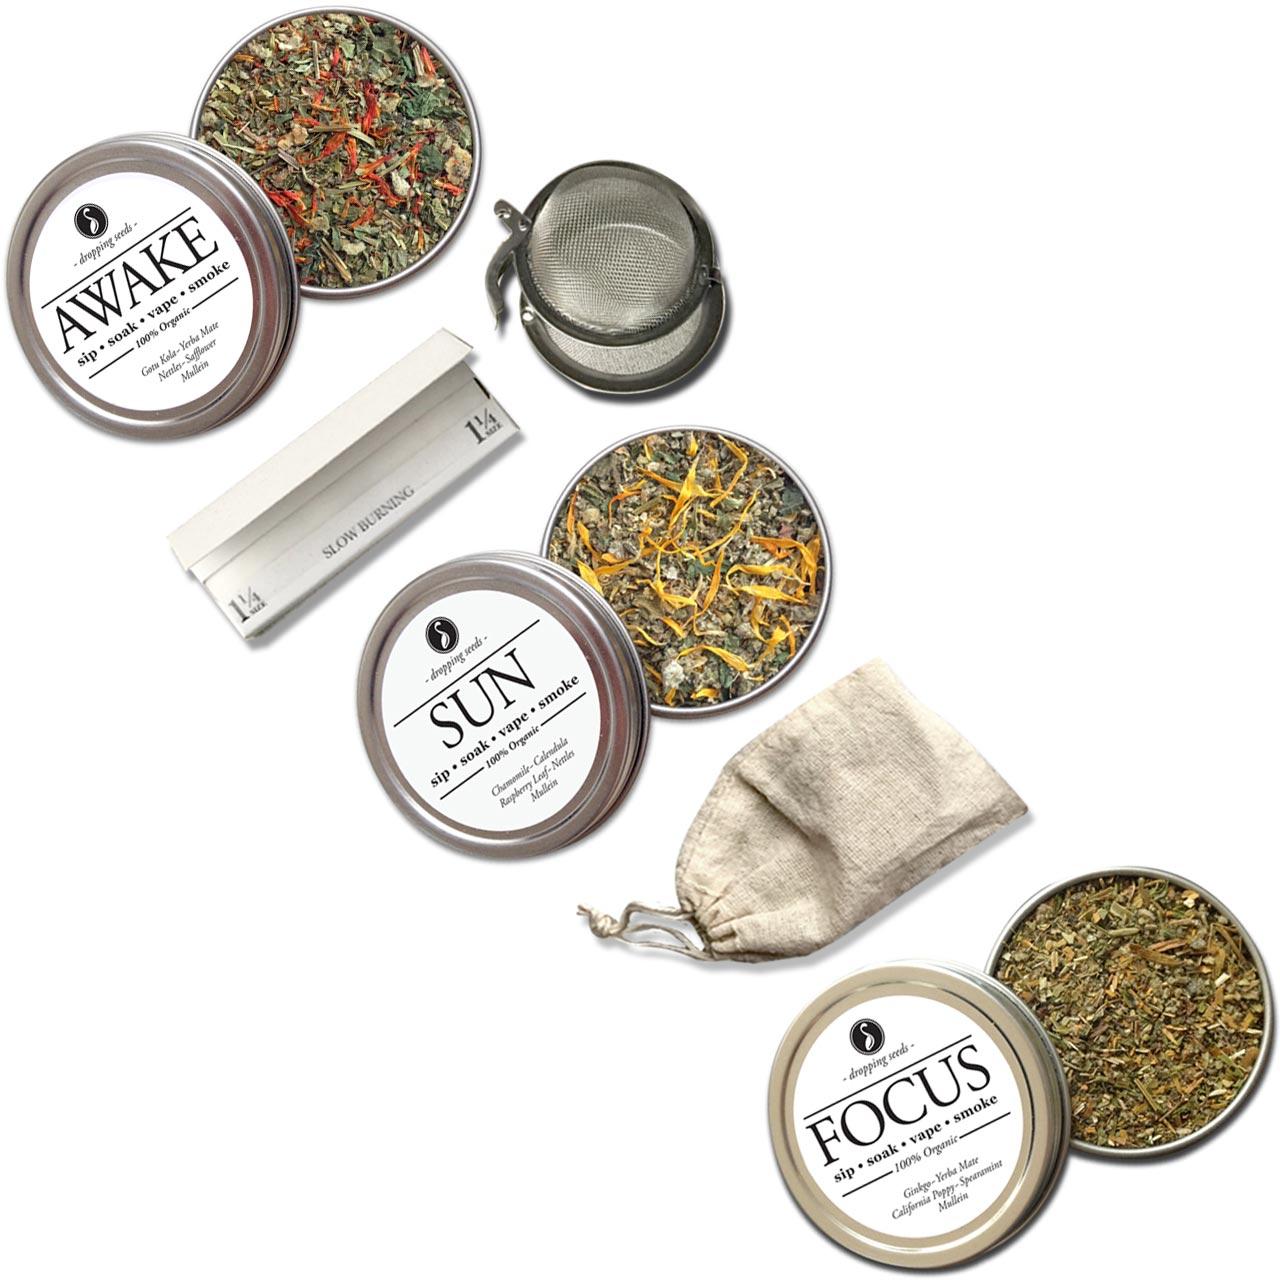 Testimonials & Reviews of Herbal Smoking Blends